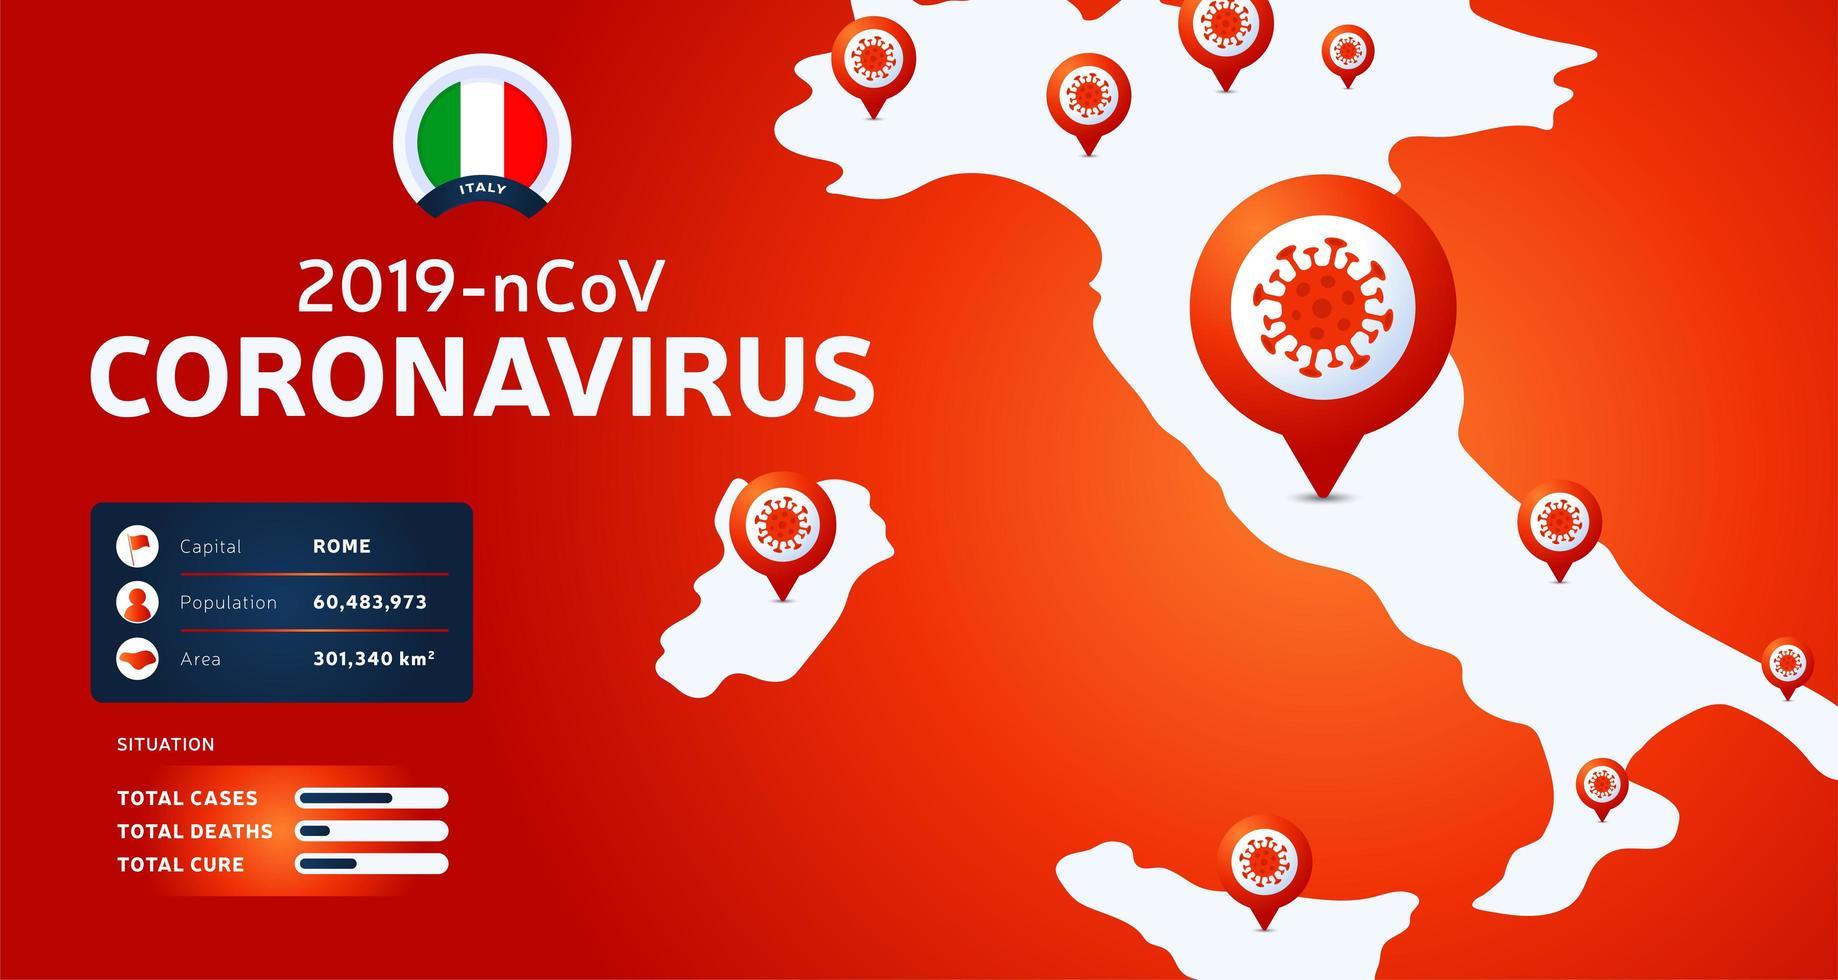 surto de coronavírus em wuhan, china. esteja atento a novos surtos de coronavírus na Itália. disseminação do novo fundo do coronavírus. vetor